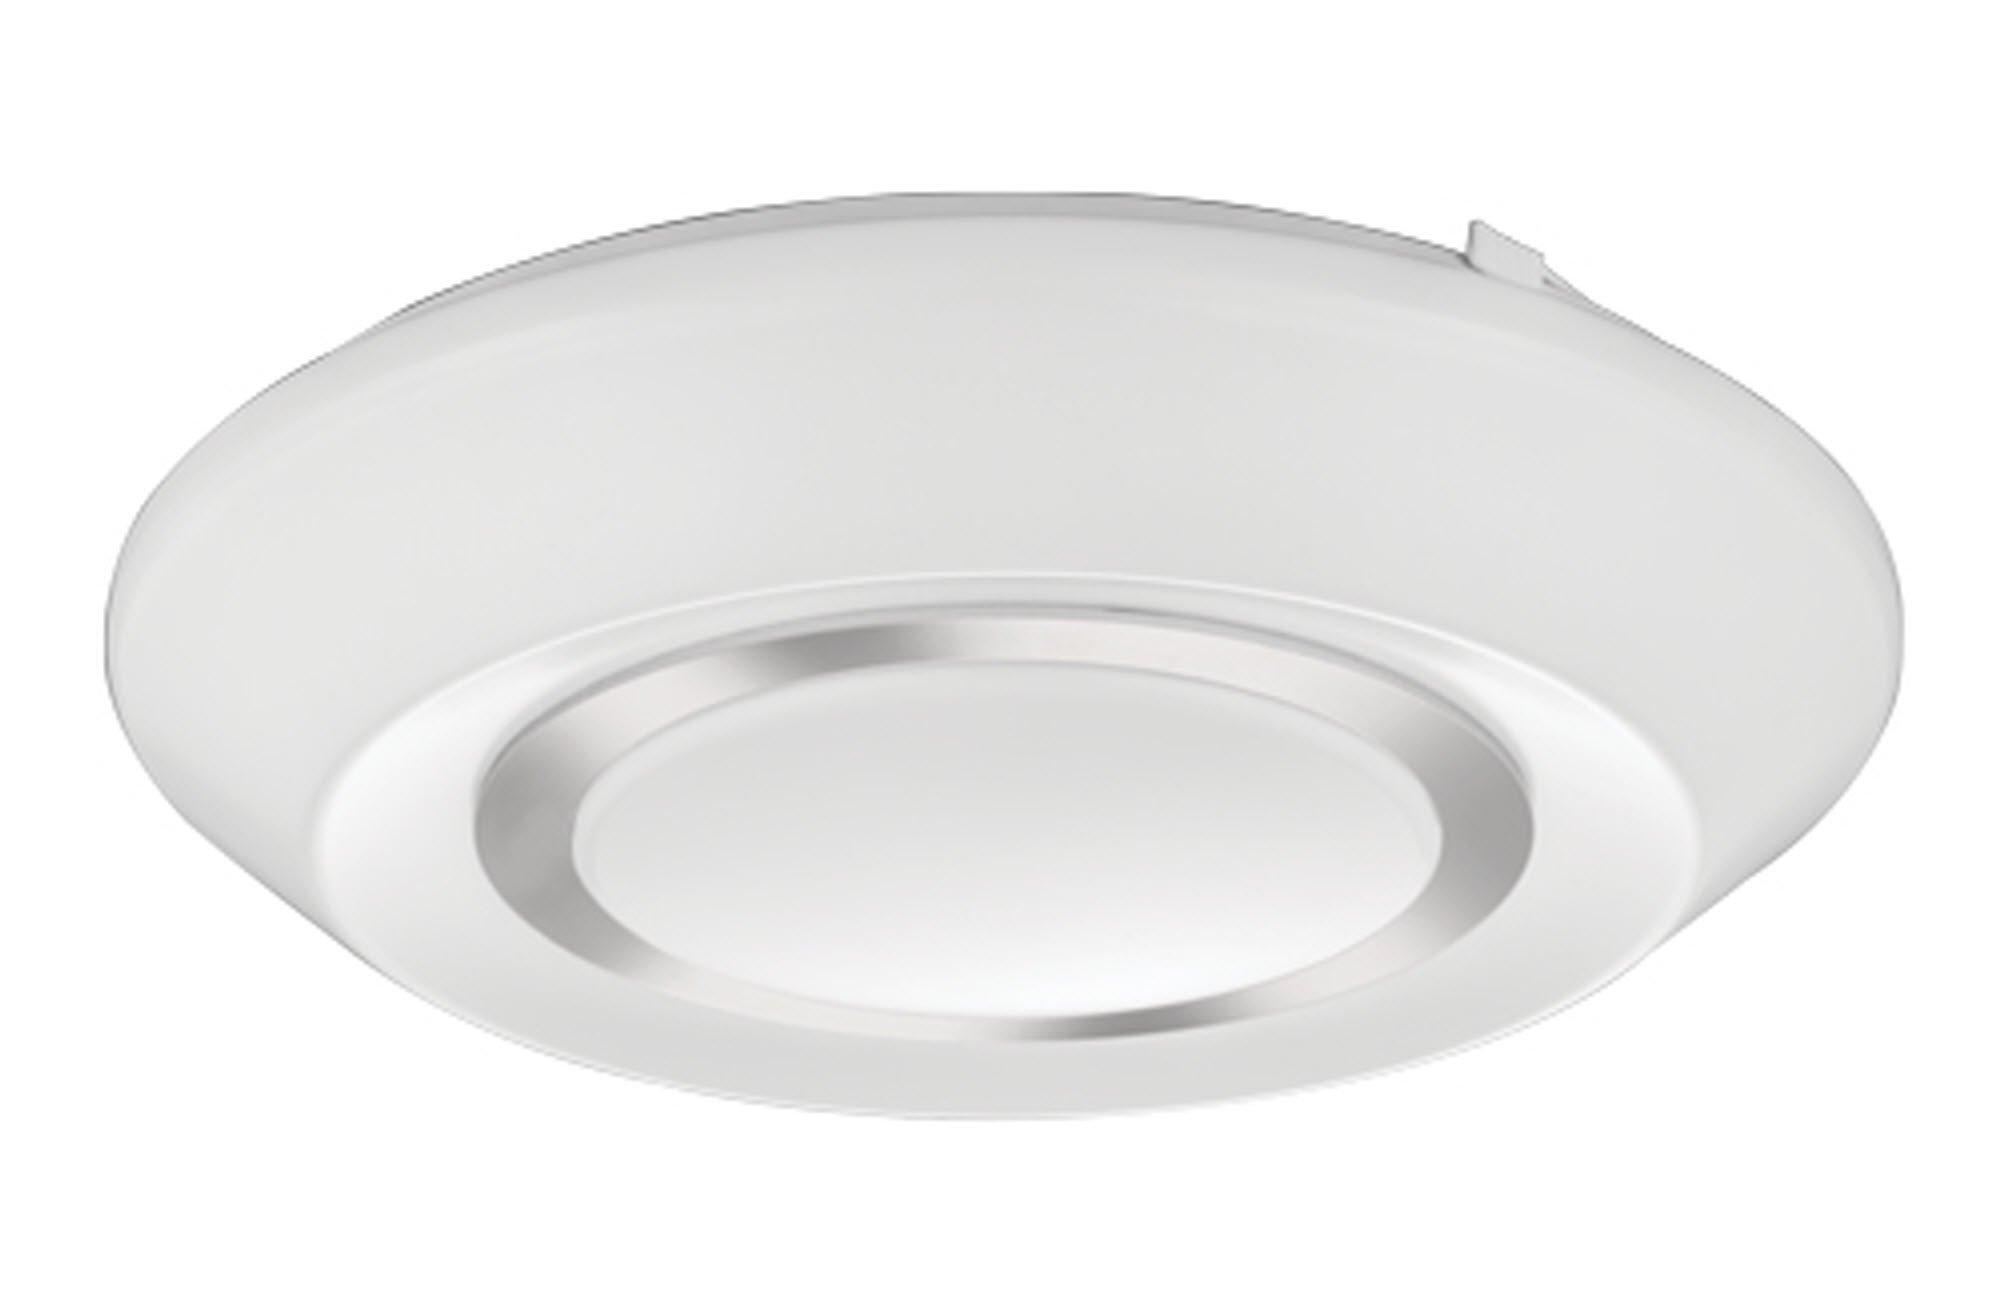 Lithonia Lighting FMGRGL 14 20840 KR M4 Glenridge LED 4000K Flush Mount Round Ceiling Light, 14-Inch, Chrome